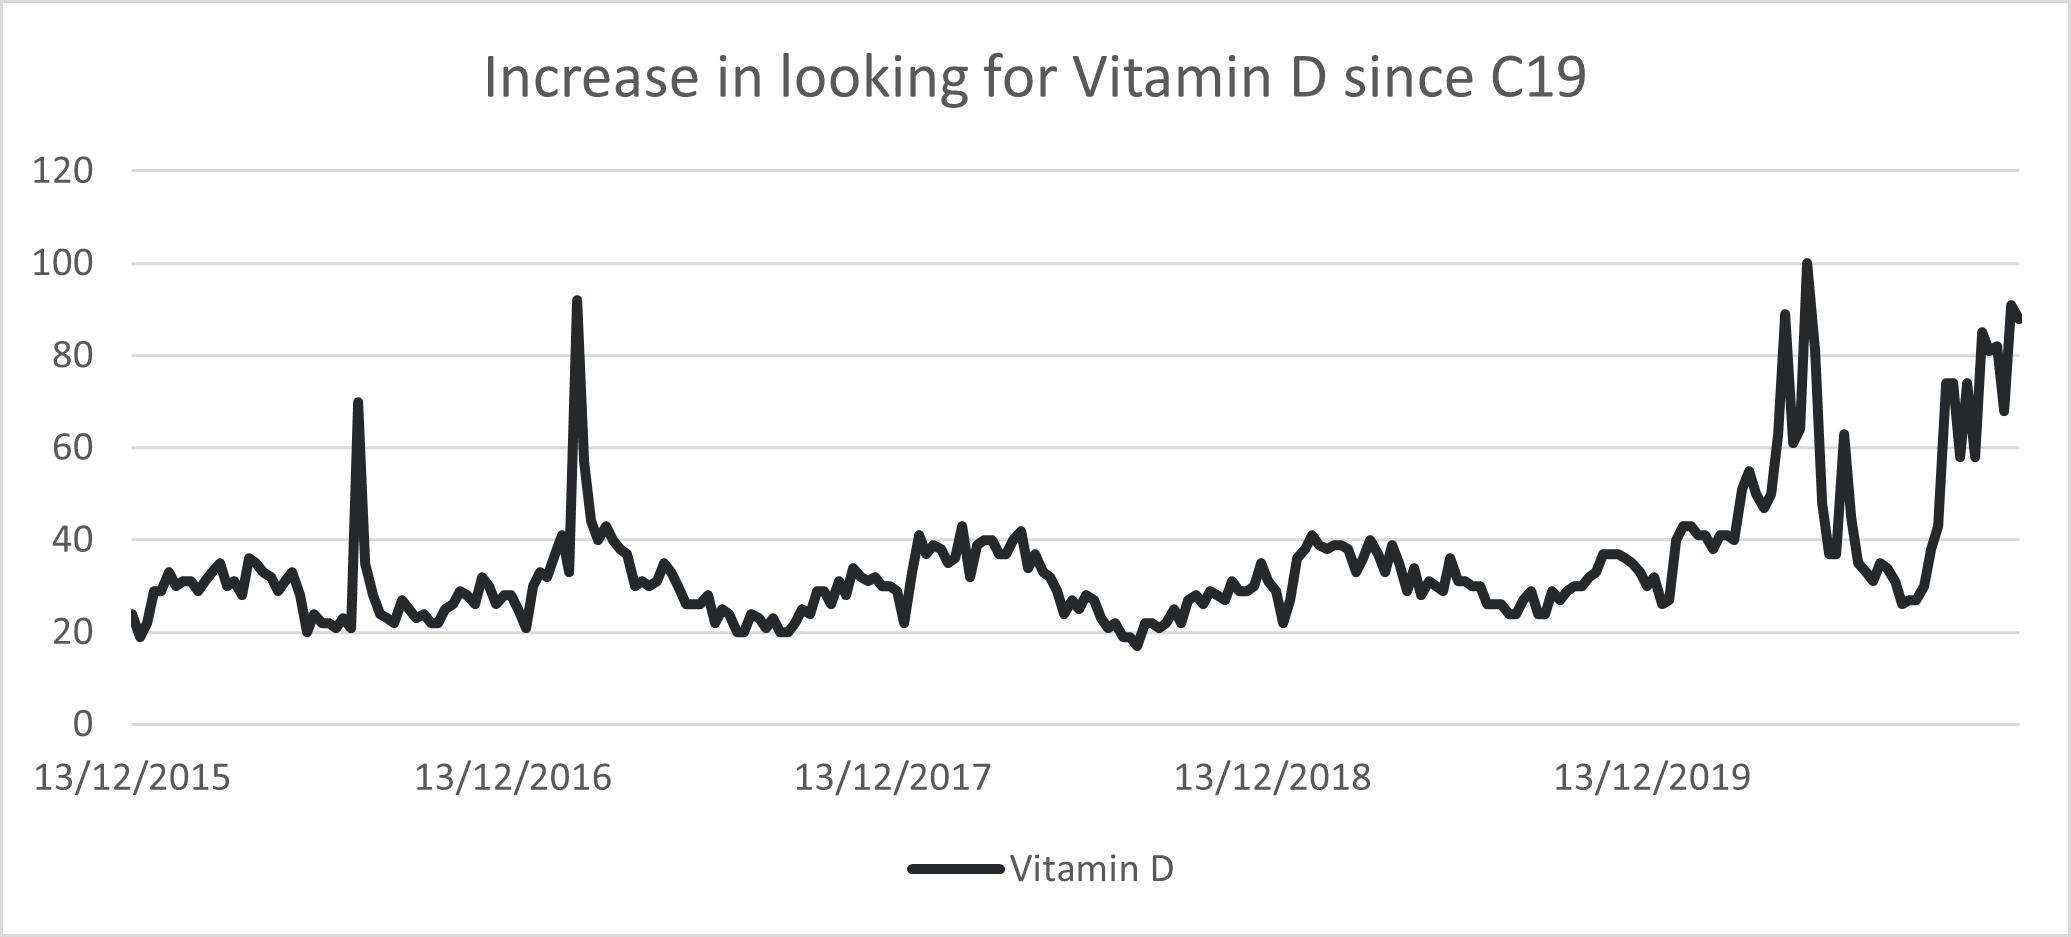 Increase in Vitamin D